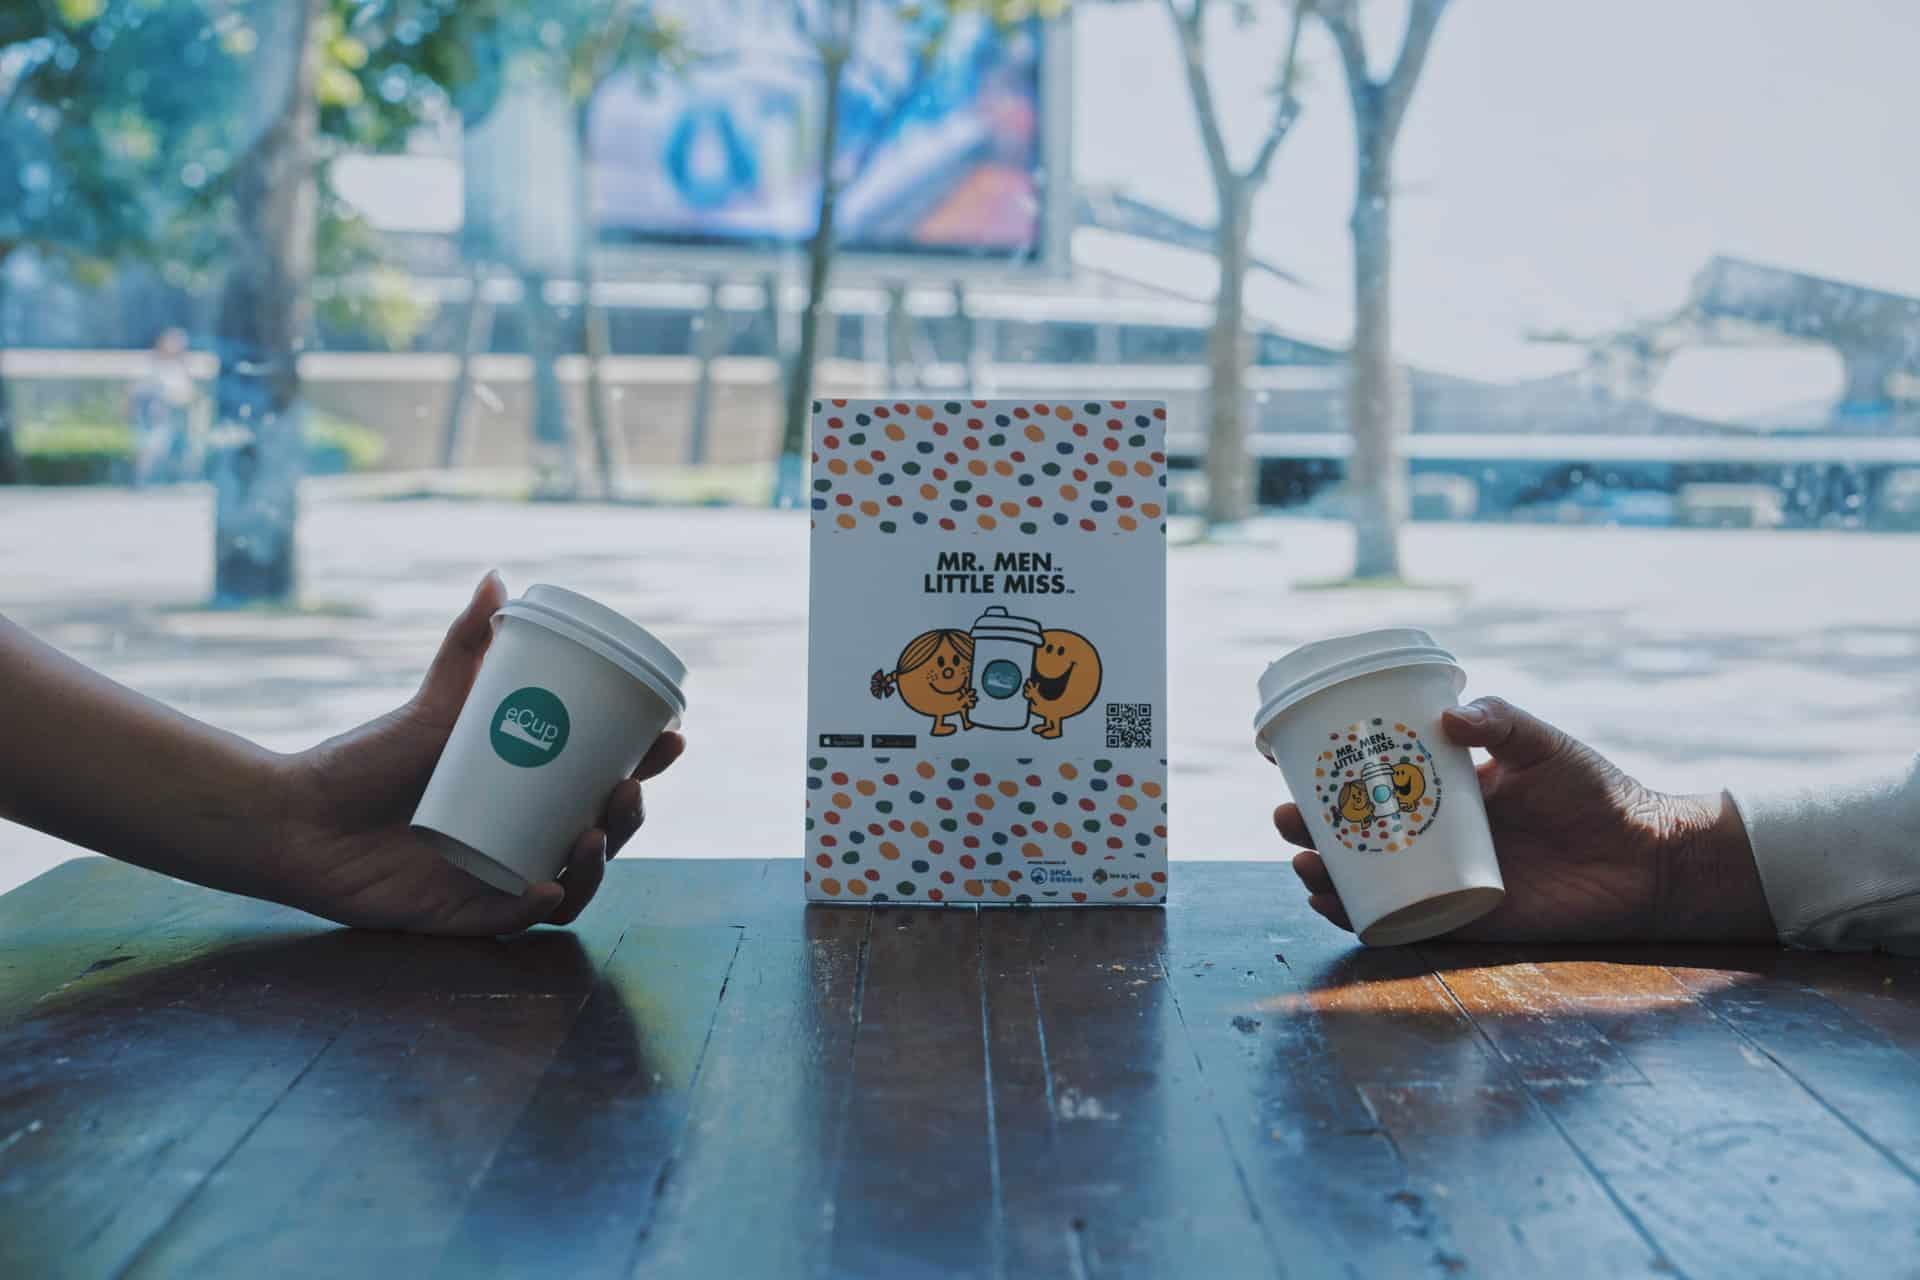 全城尋找Mr. Men Little Miss 用戶在每家咖啡店都有機會獲得 Mr. Happy 快樂先生。